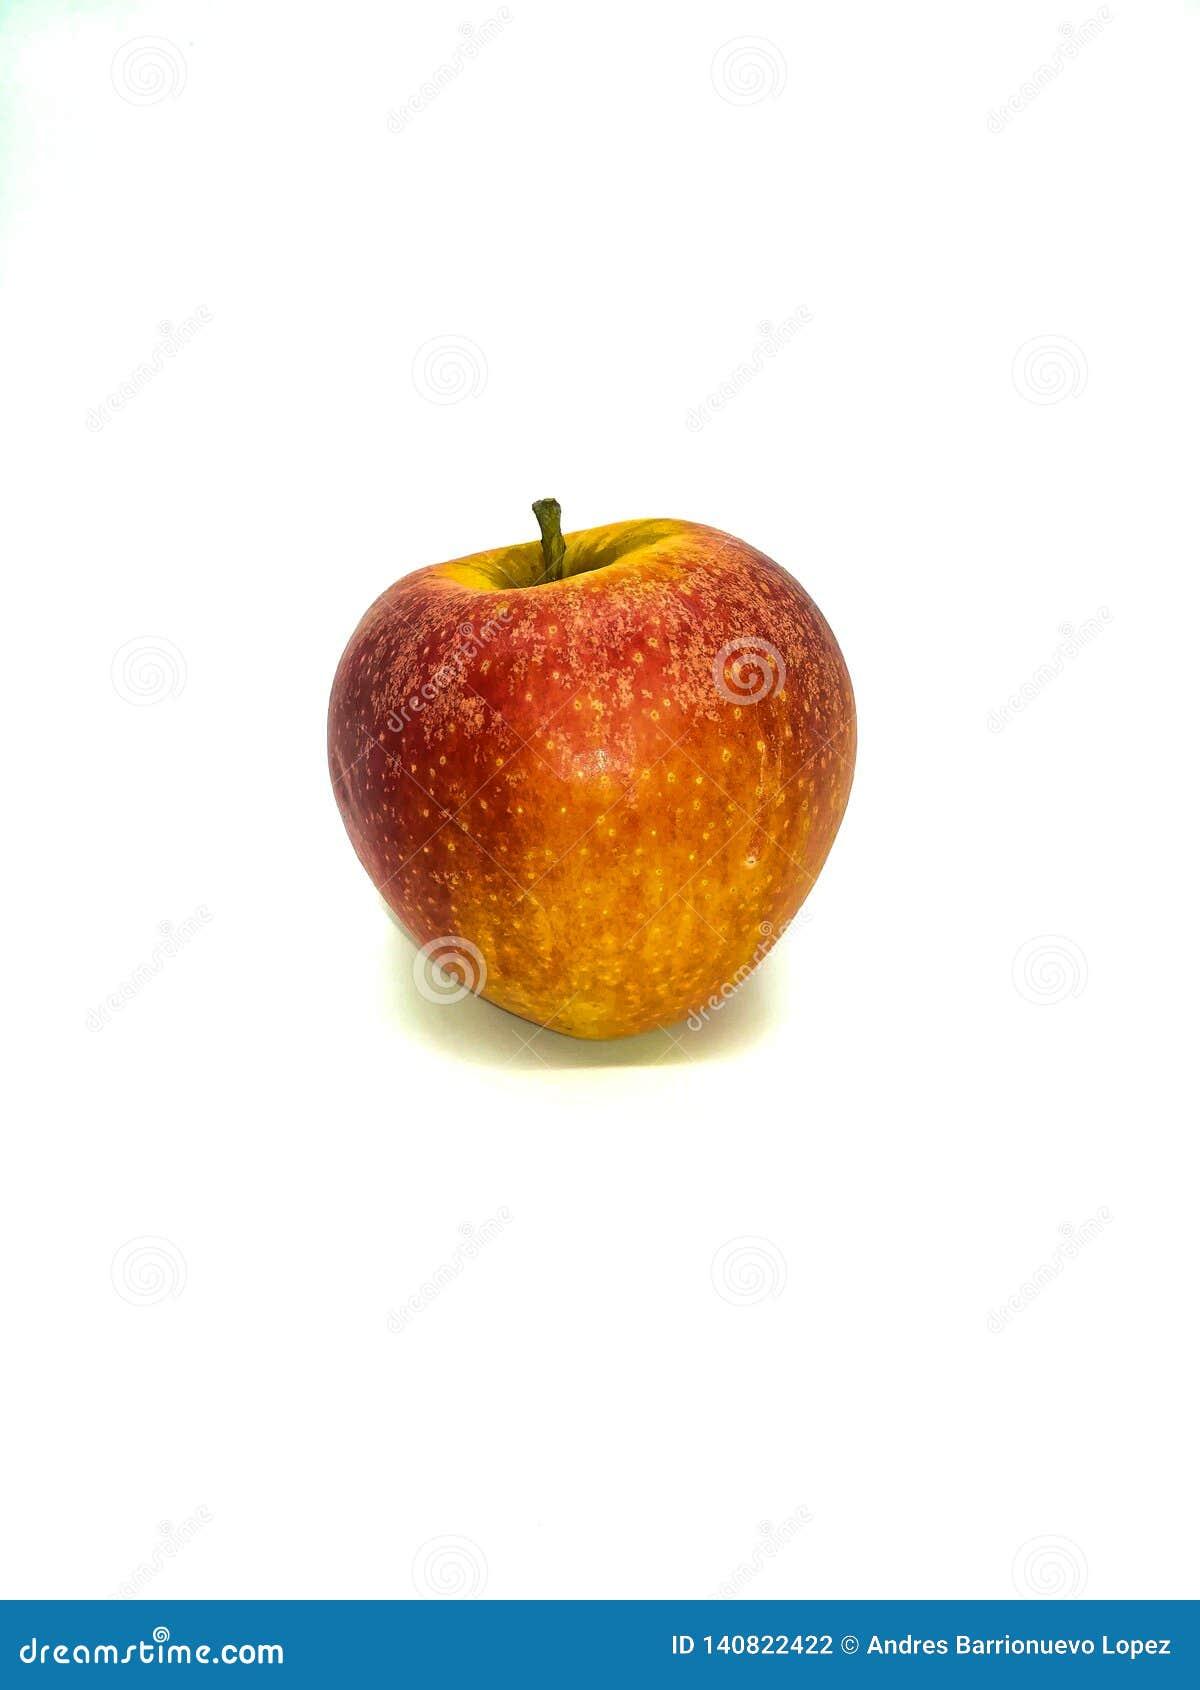 Czerwony jabłko z żółtymi drobinami